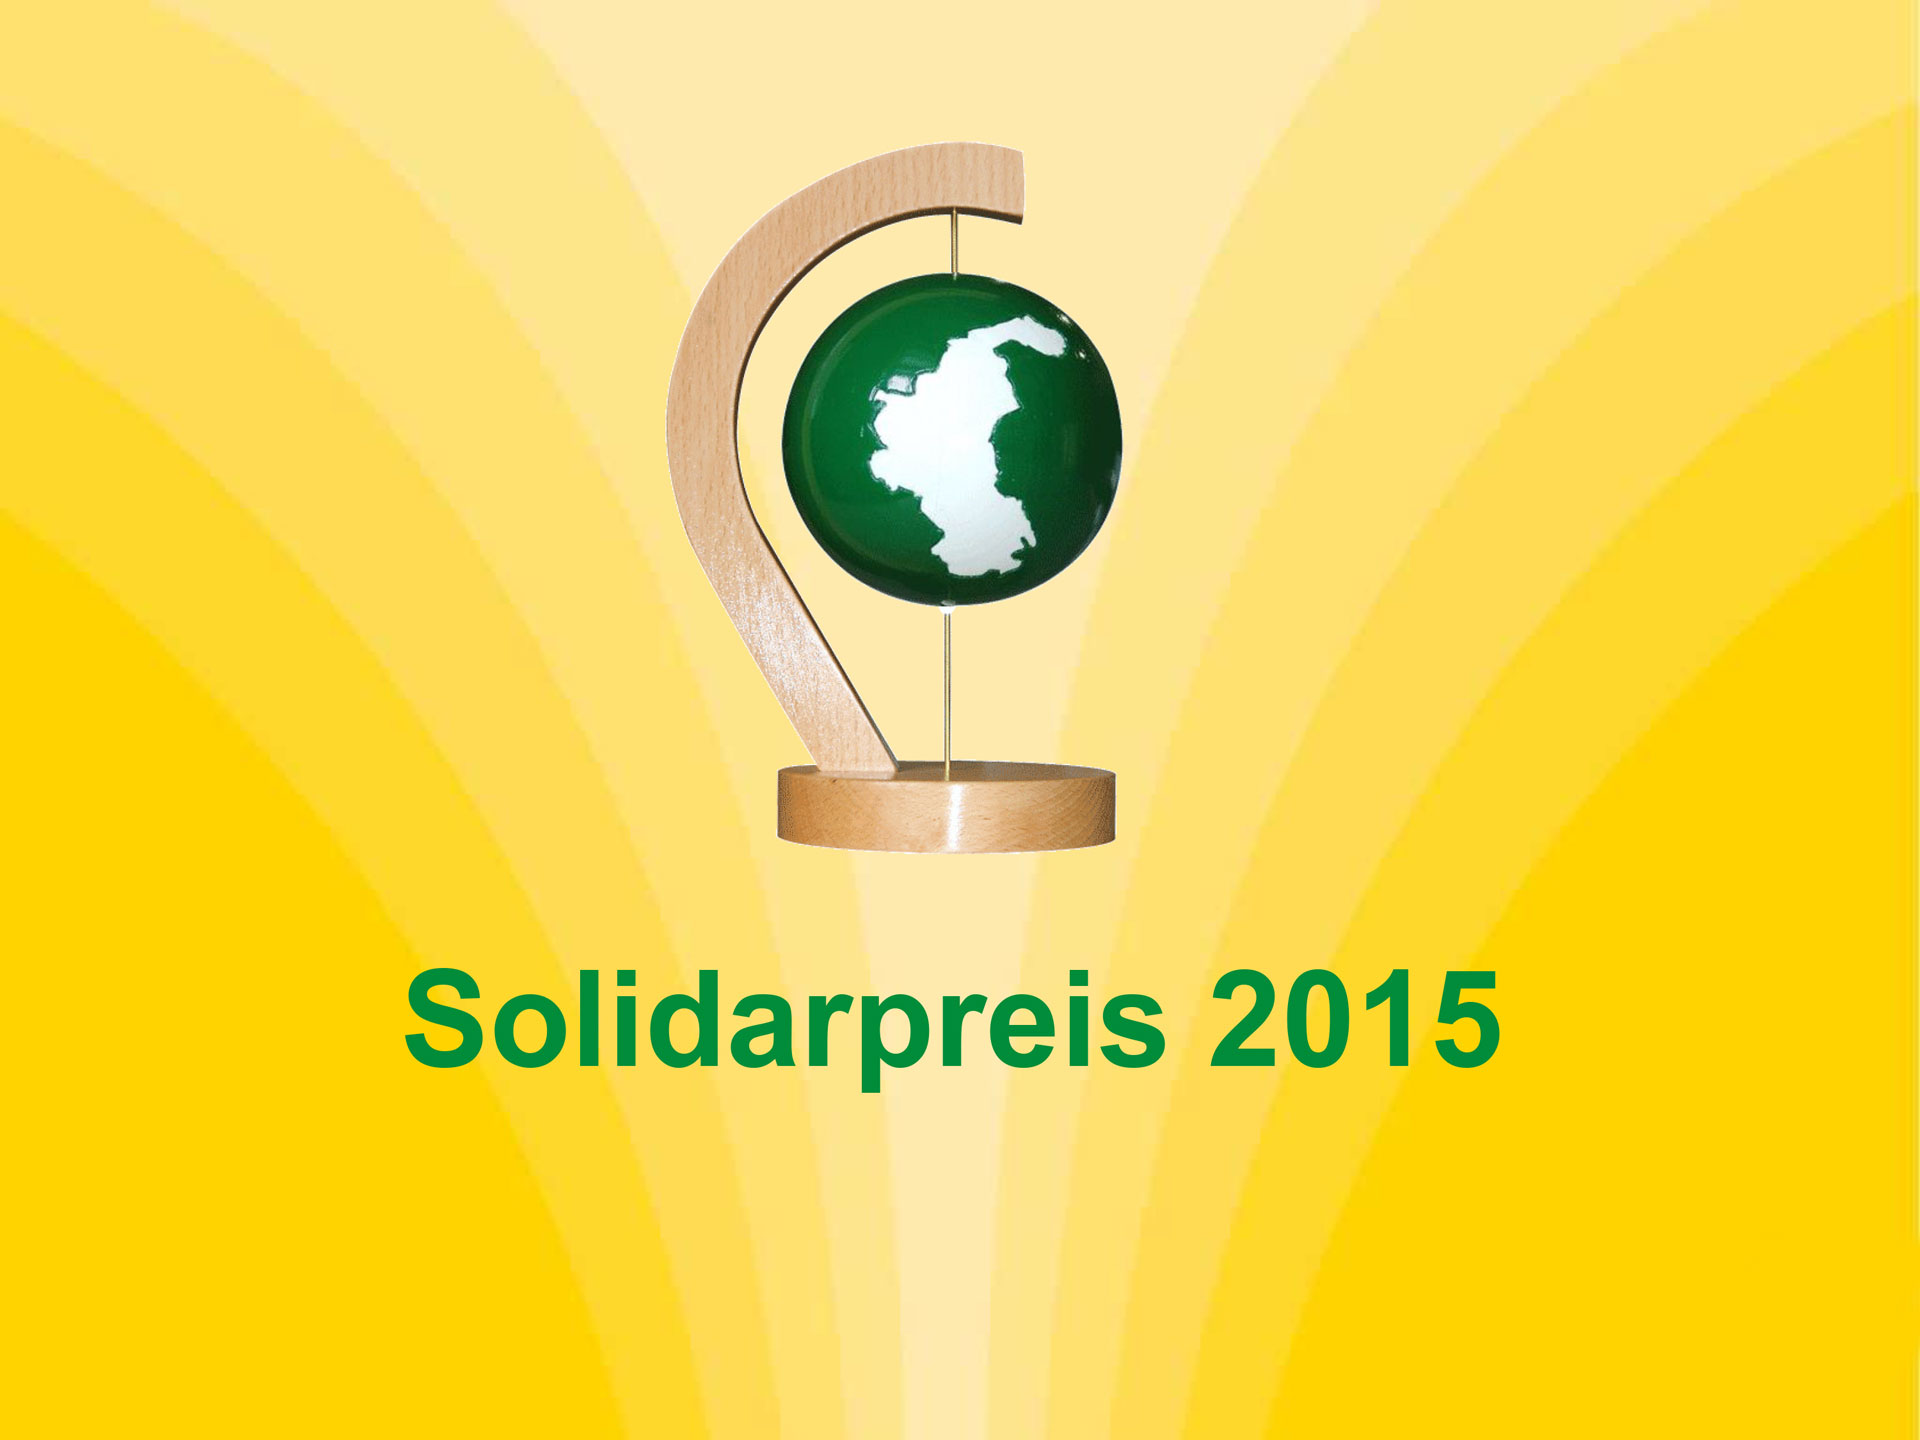 Solidarpreis_2015-1